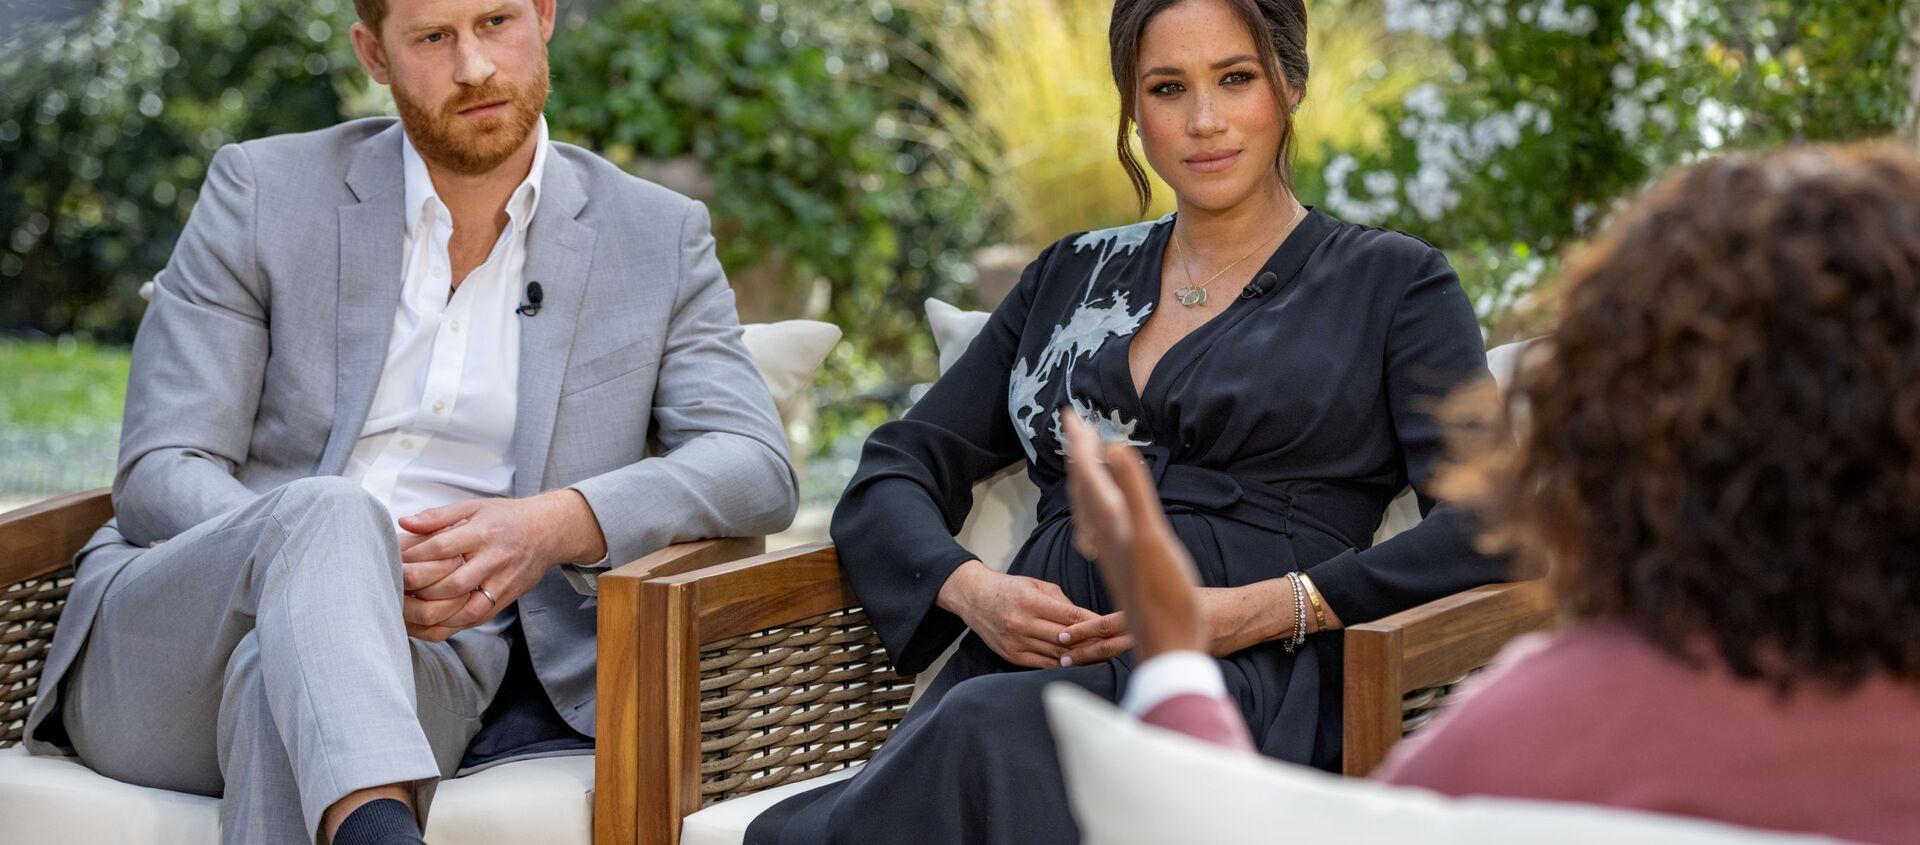 Принц Гарри с супругой Меган Маркл во время интервью Опре Уинфри - Sputnik Армения, 1920, 15.03.2021